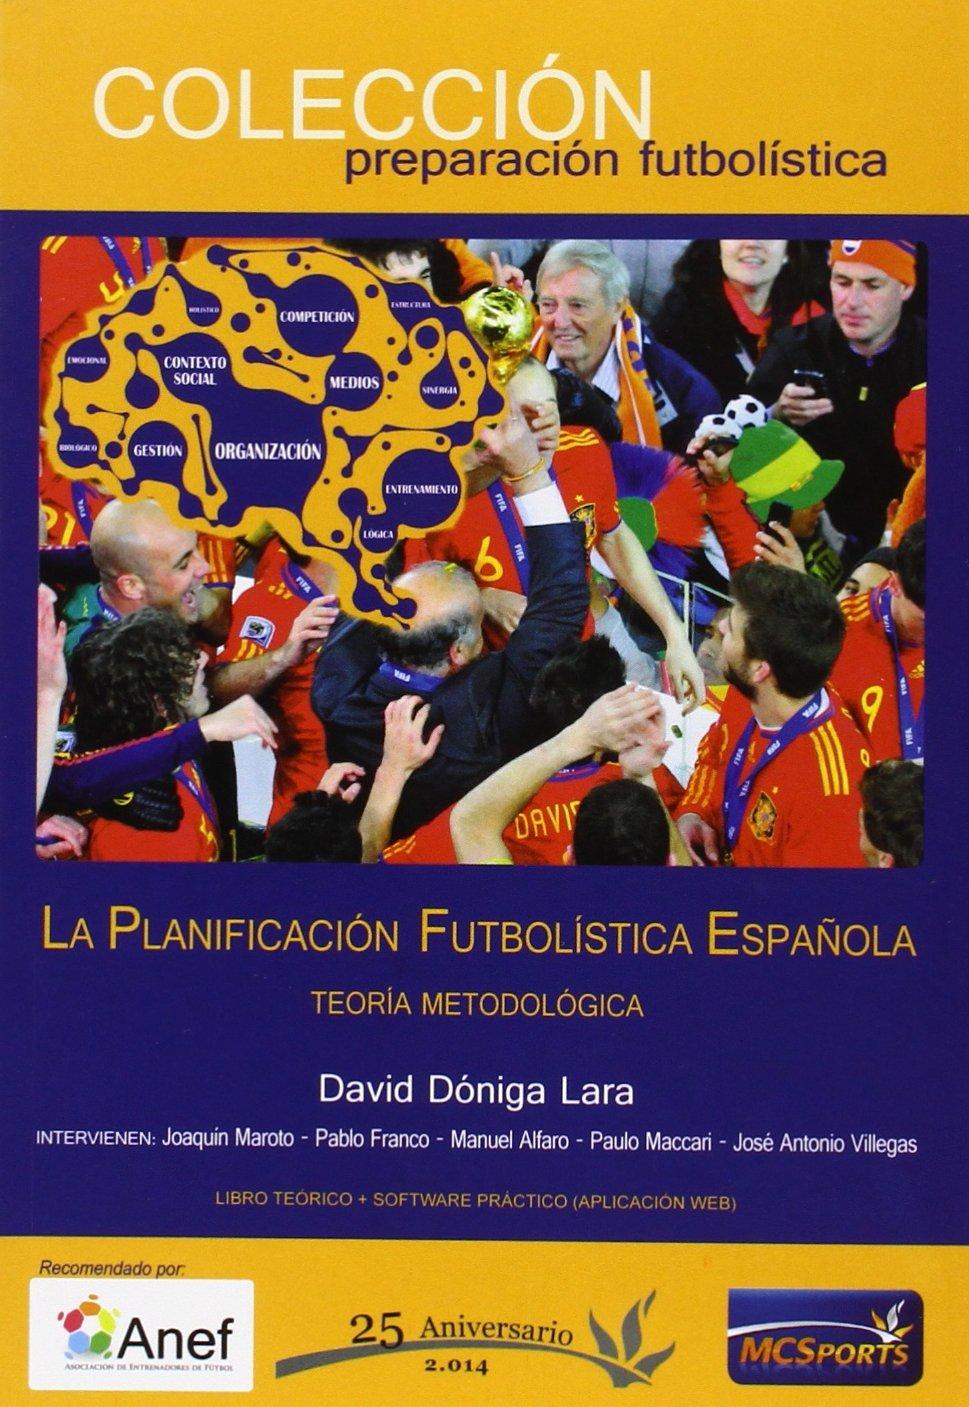 La planificación futbolística española - Teoría metodológica (Preparacion Futbolistica)